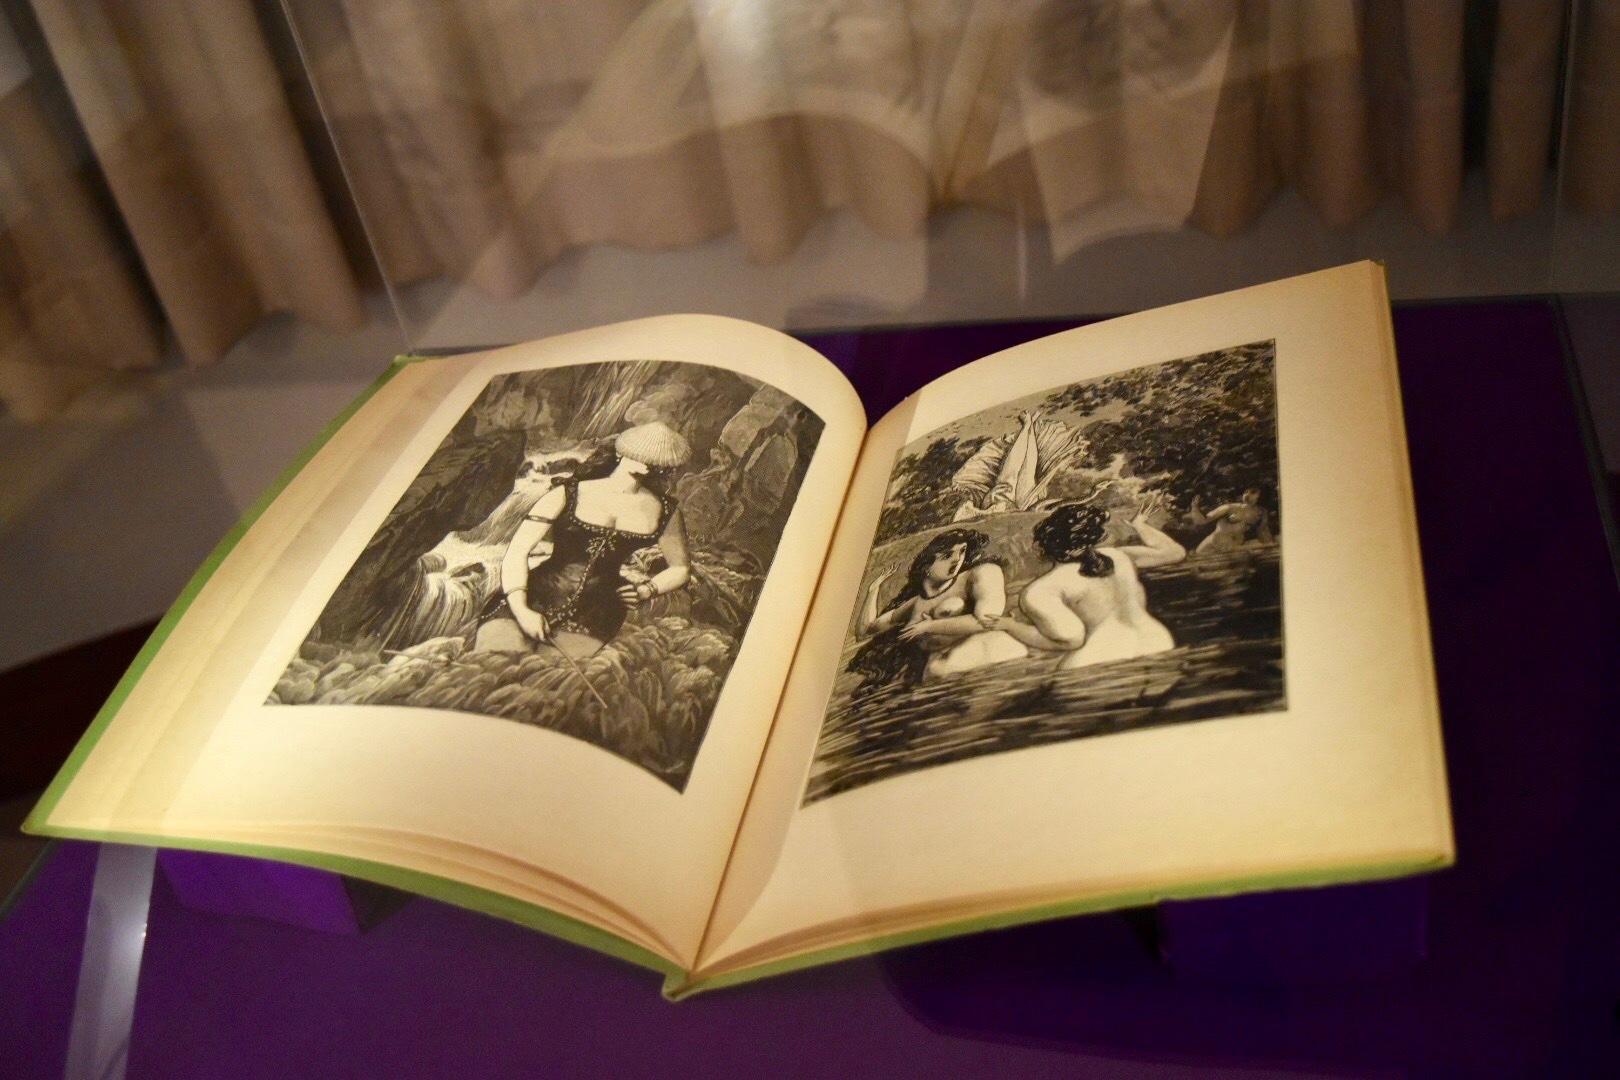 マックス・エルンスト 『慈善週間または七大元素』 1934年